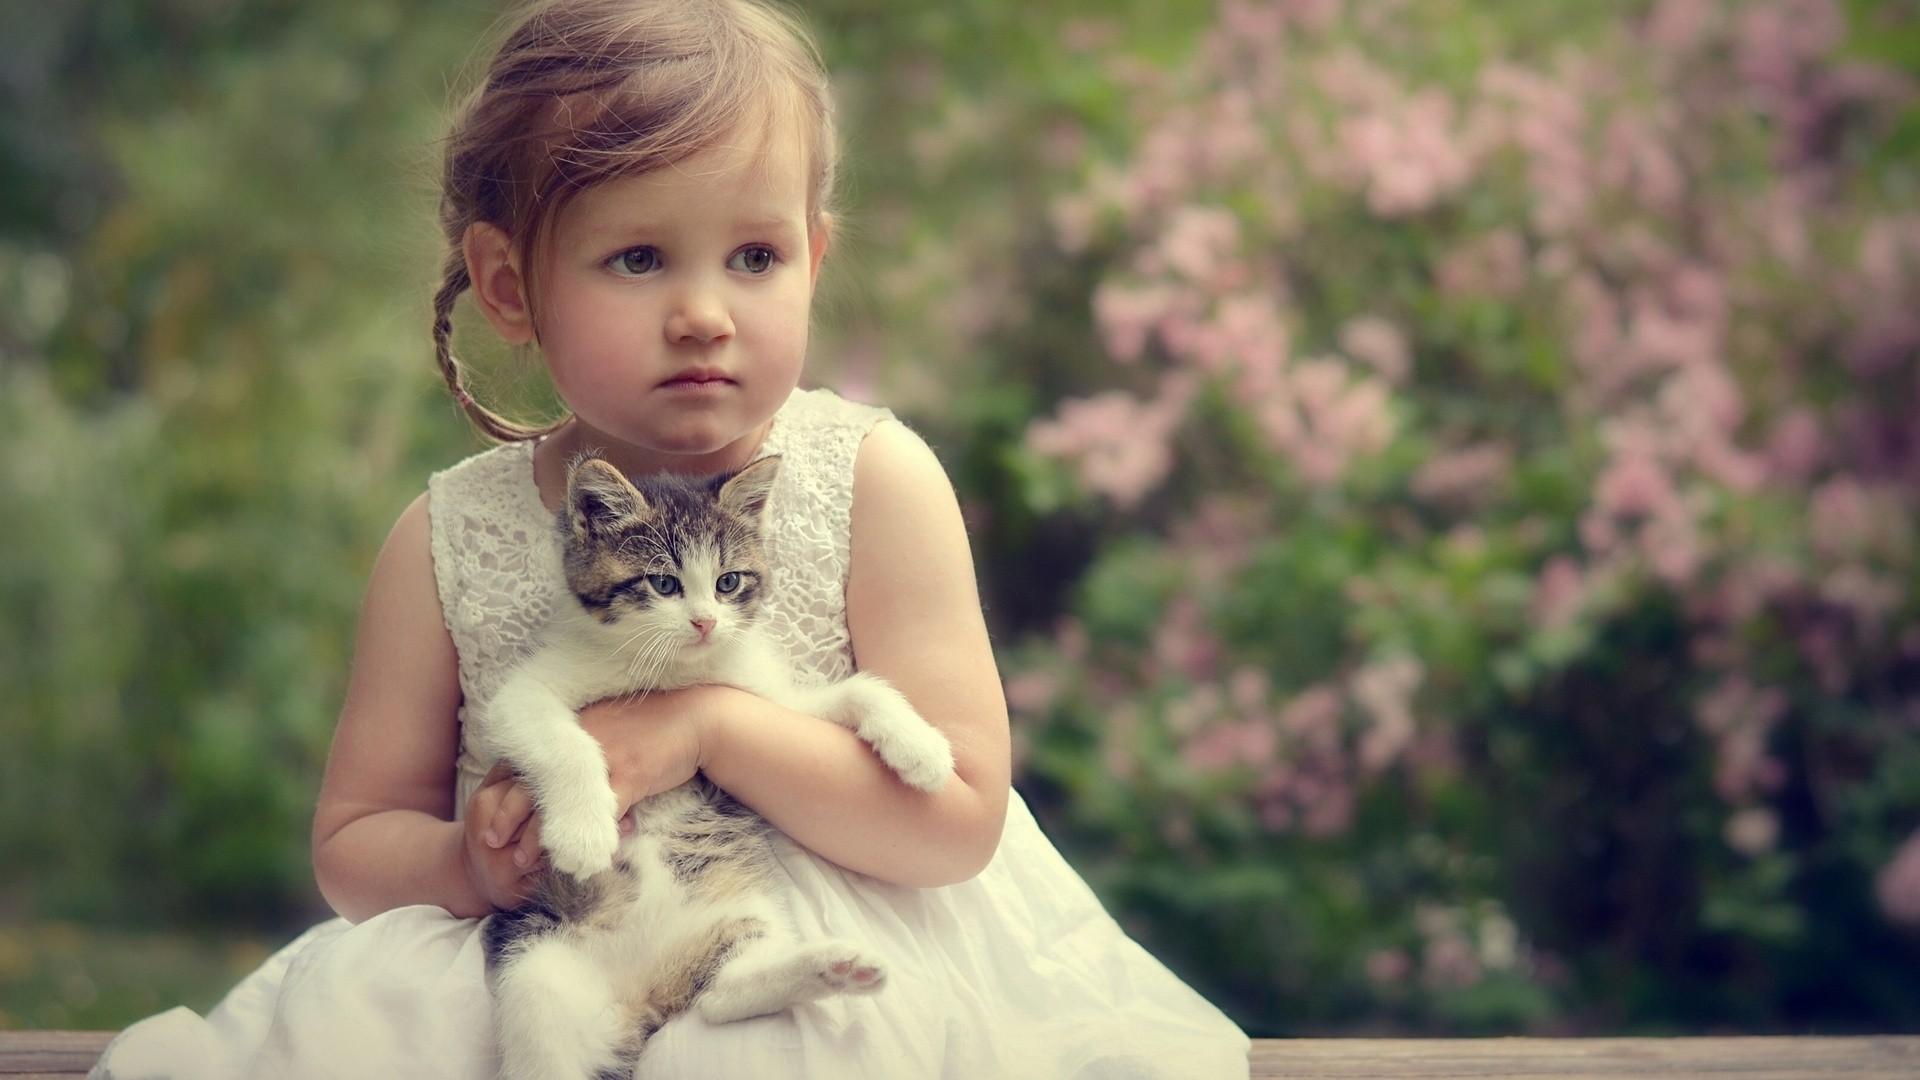 بالصور صور بنات صغار حلوين , اجمل البنوتات الصغيرات الجميلات الفاتنات 1508 10